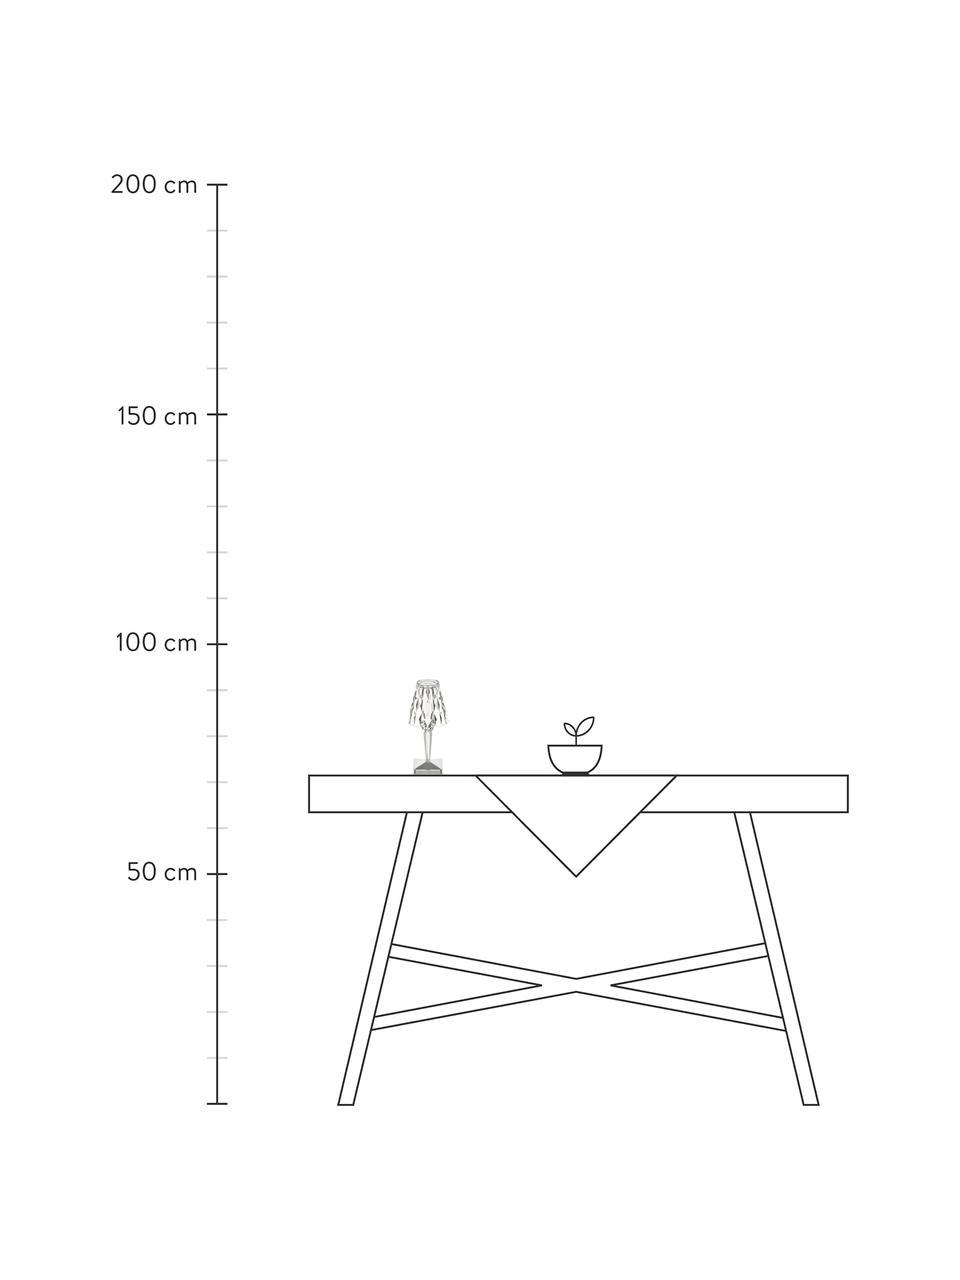 Kleine Mobile Tischlampe Battery, Lampenschirm: Kunststoff, Lampenfuß: Kunststoff, Transparent, Ø 12 x H 26 cm